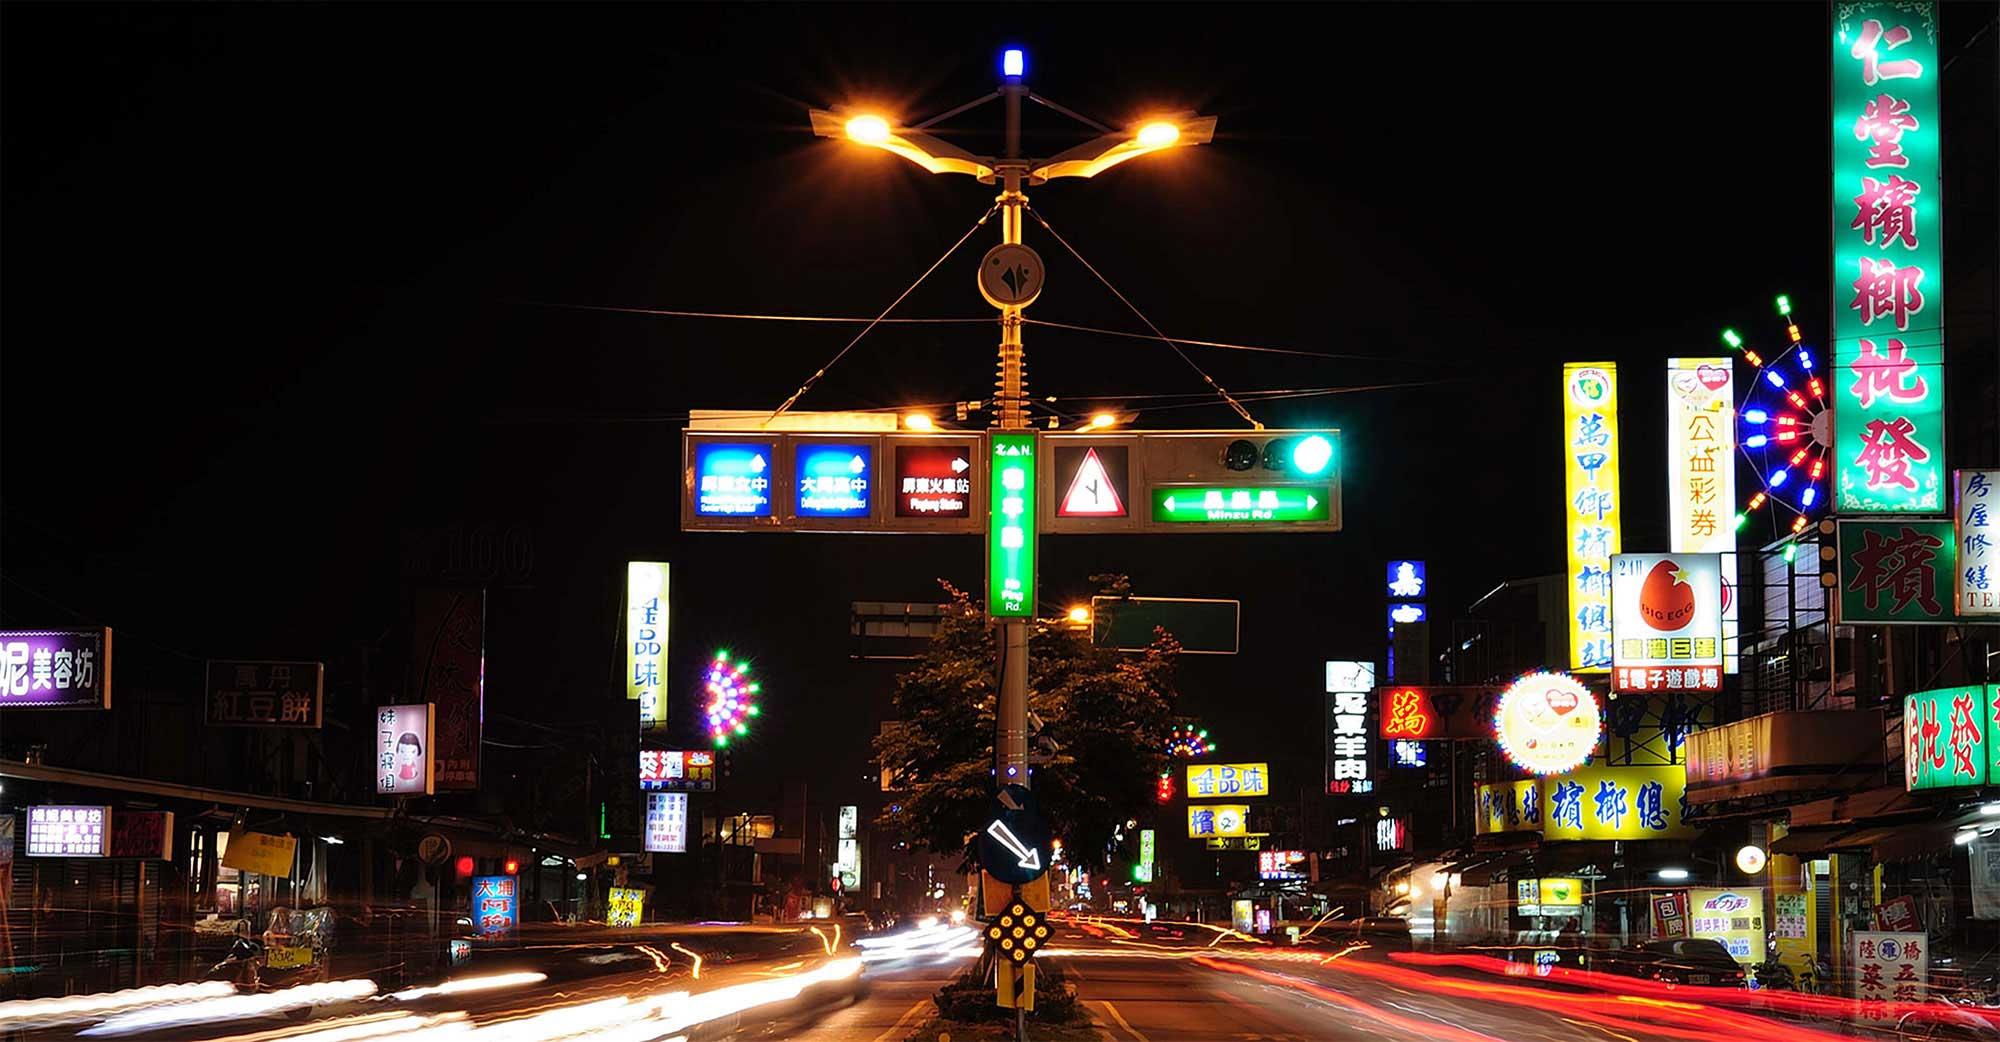 Street lighting in beijing